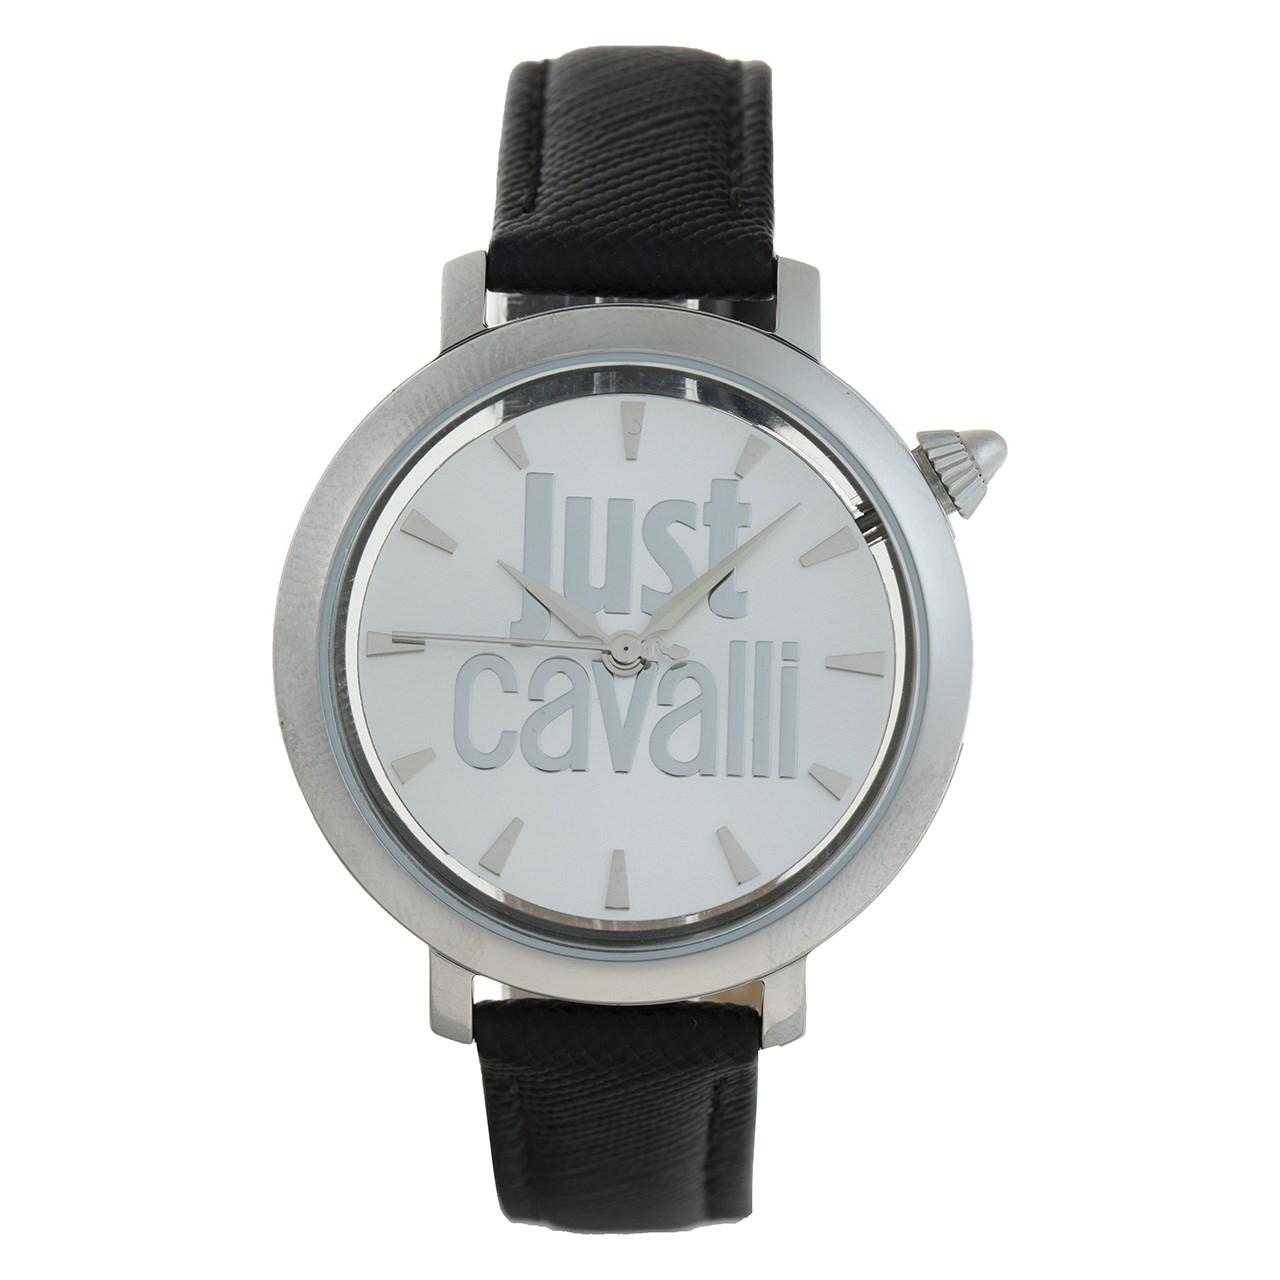 ساعت مچی عقربه ای زنانه جاست کاوالی مدل JC1L007L0015 40